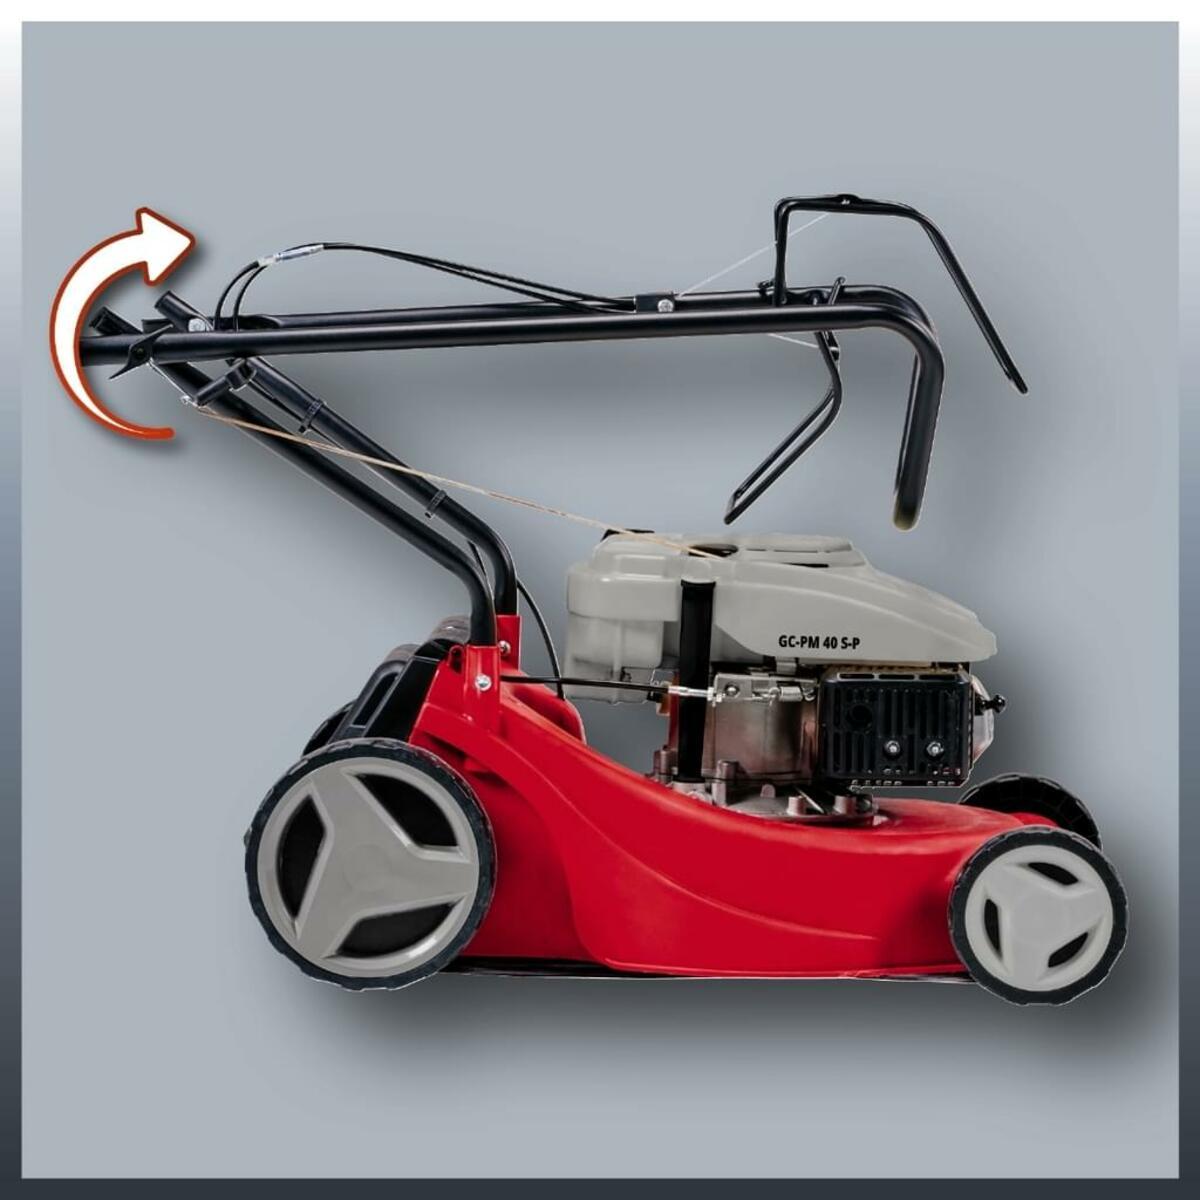 Bild 3 von Einhell Benzin-Rasenmäher GC-PM 40 S-P, Leistung 1,2 kW, Hubraum 99 cm³, Schnittbreite 40 cm, 3404780